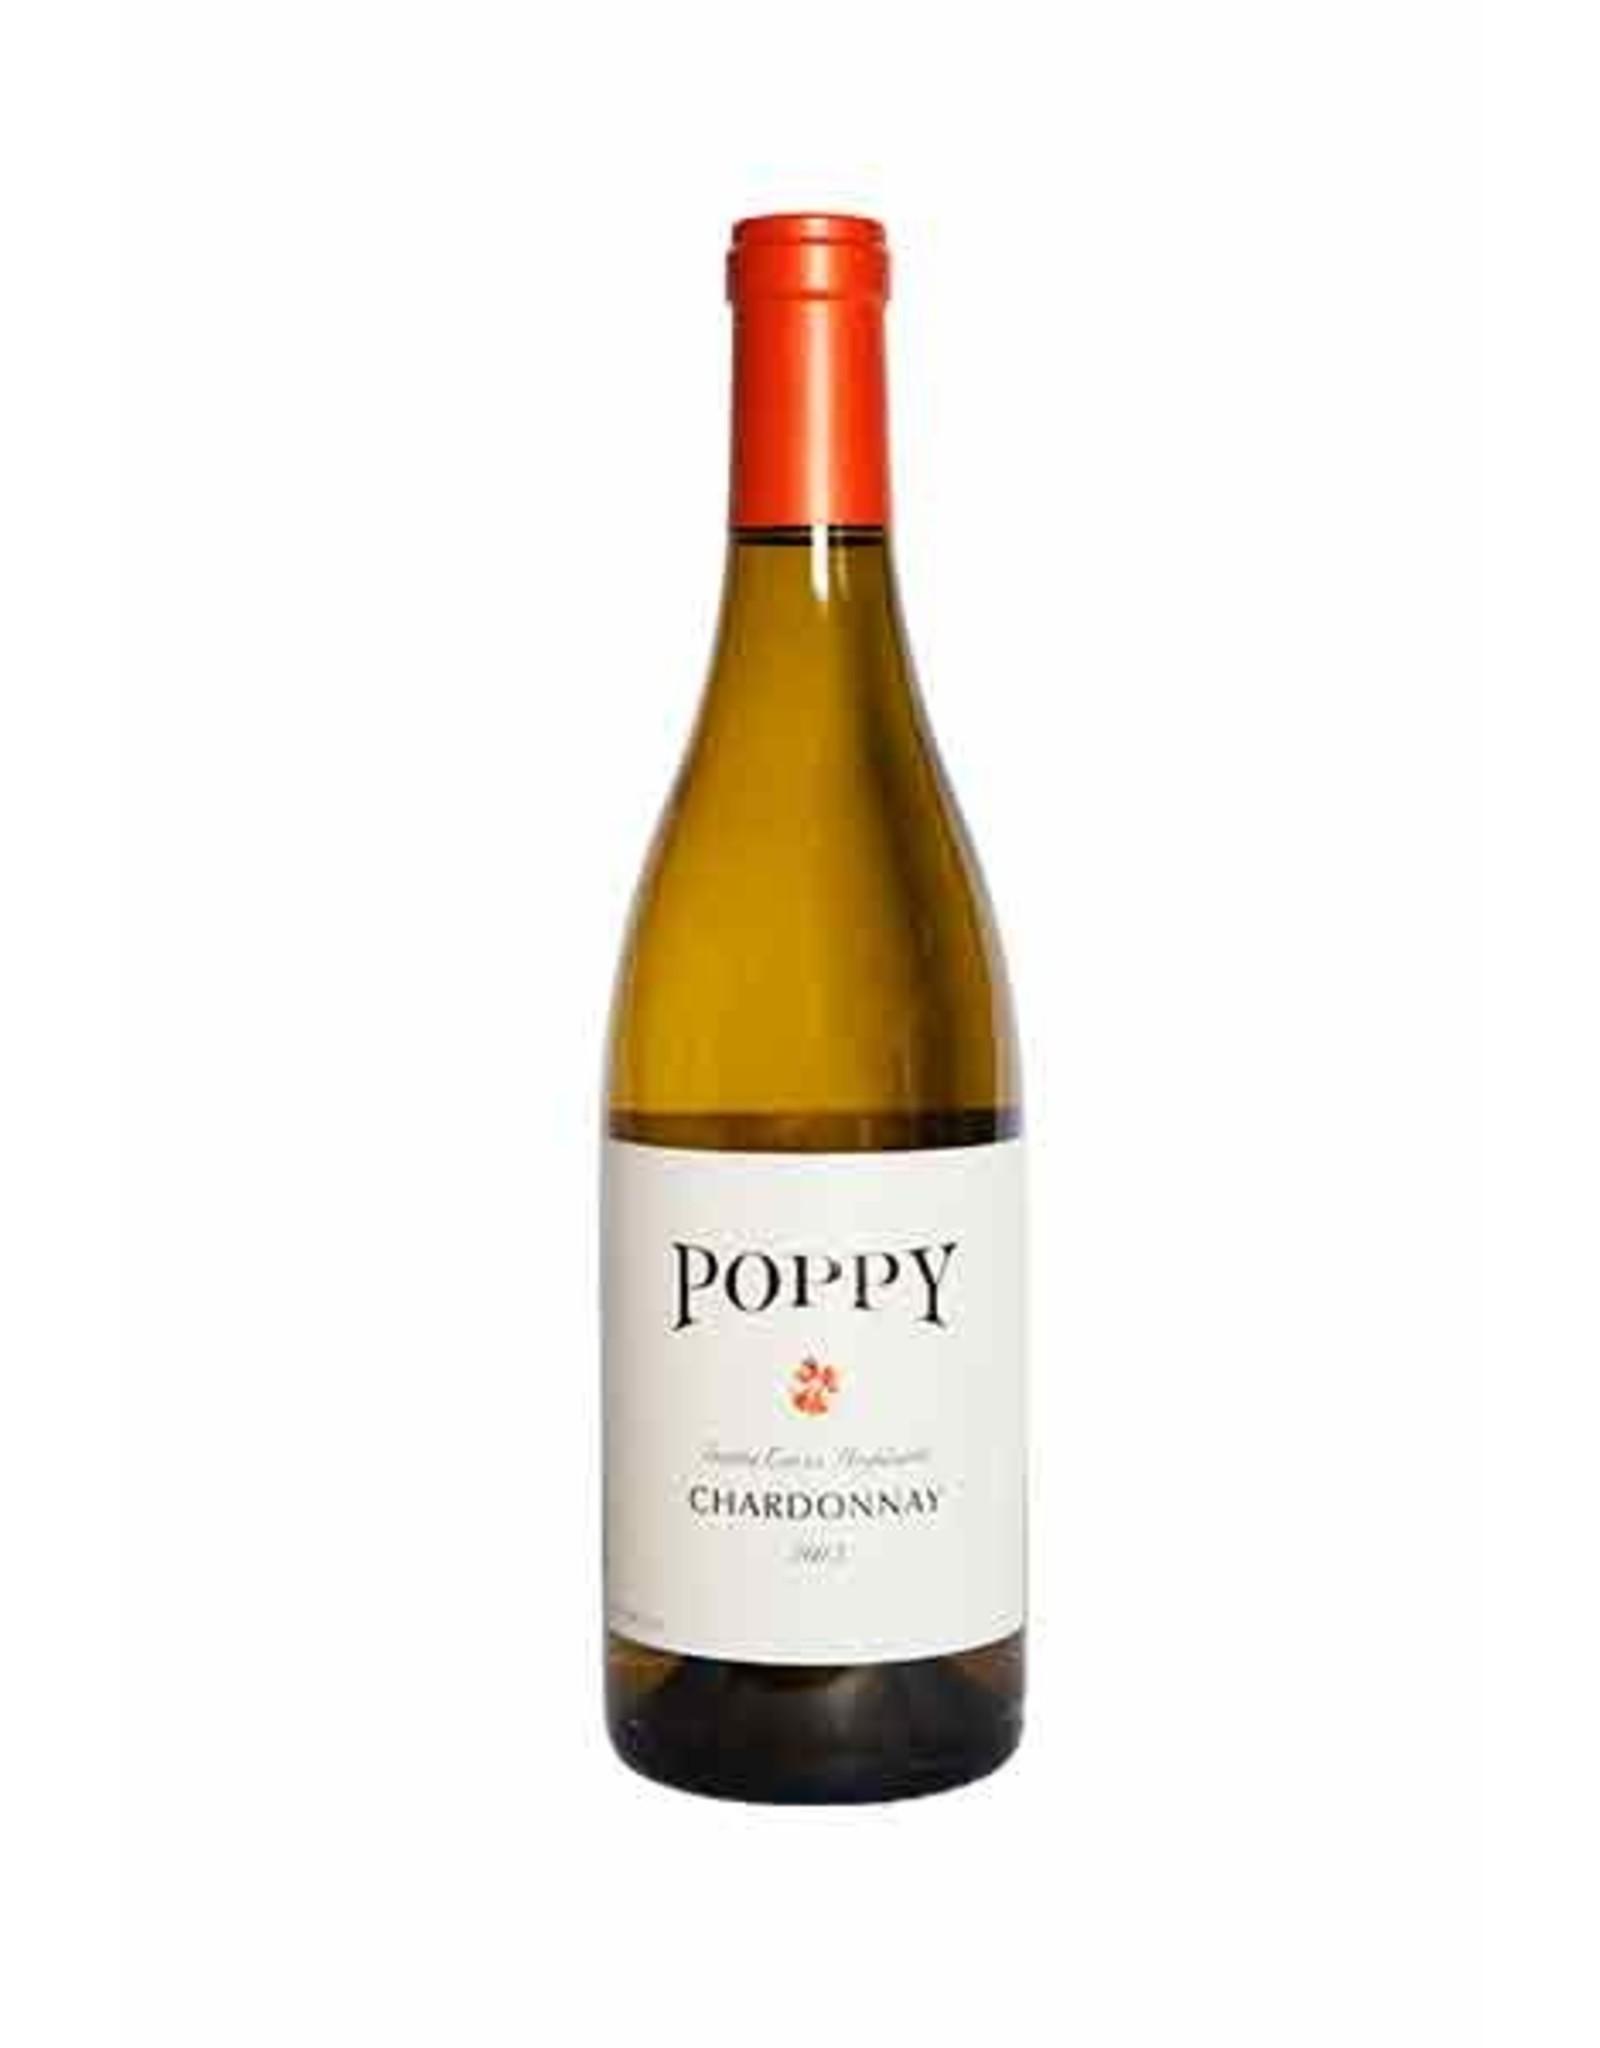 POPPY CHARDONNAY 750ML